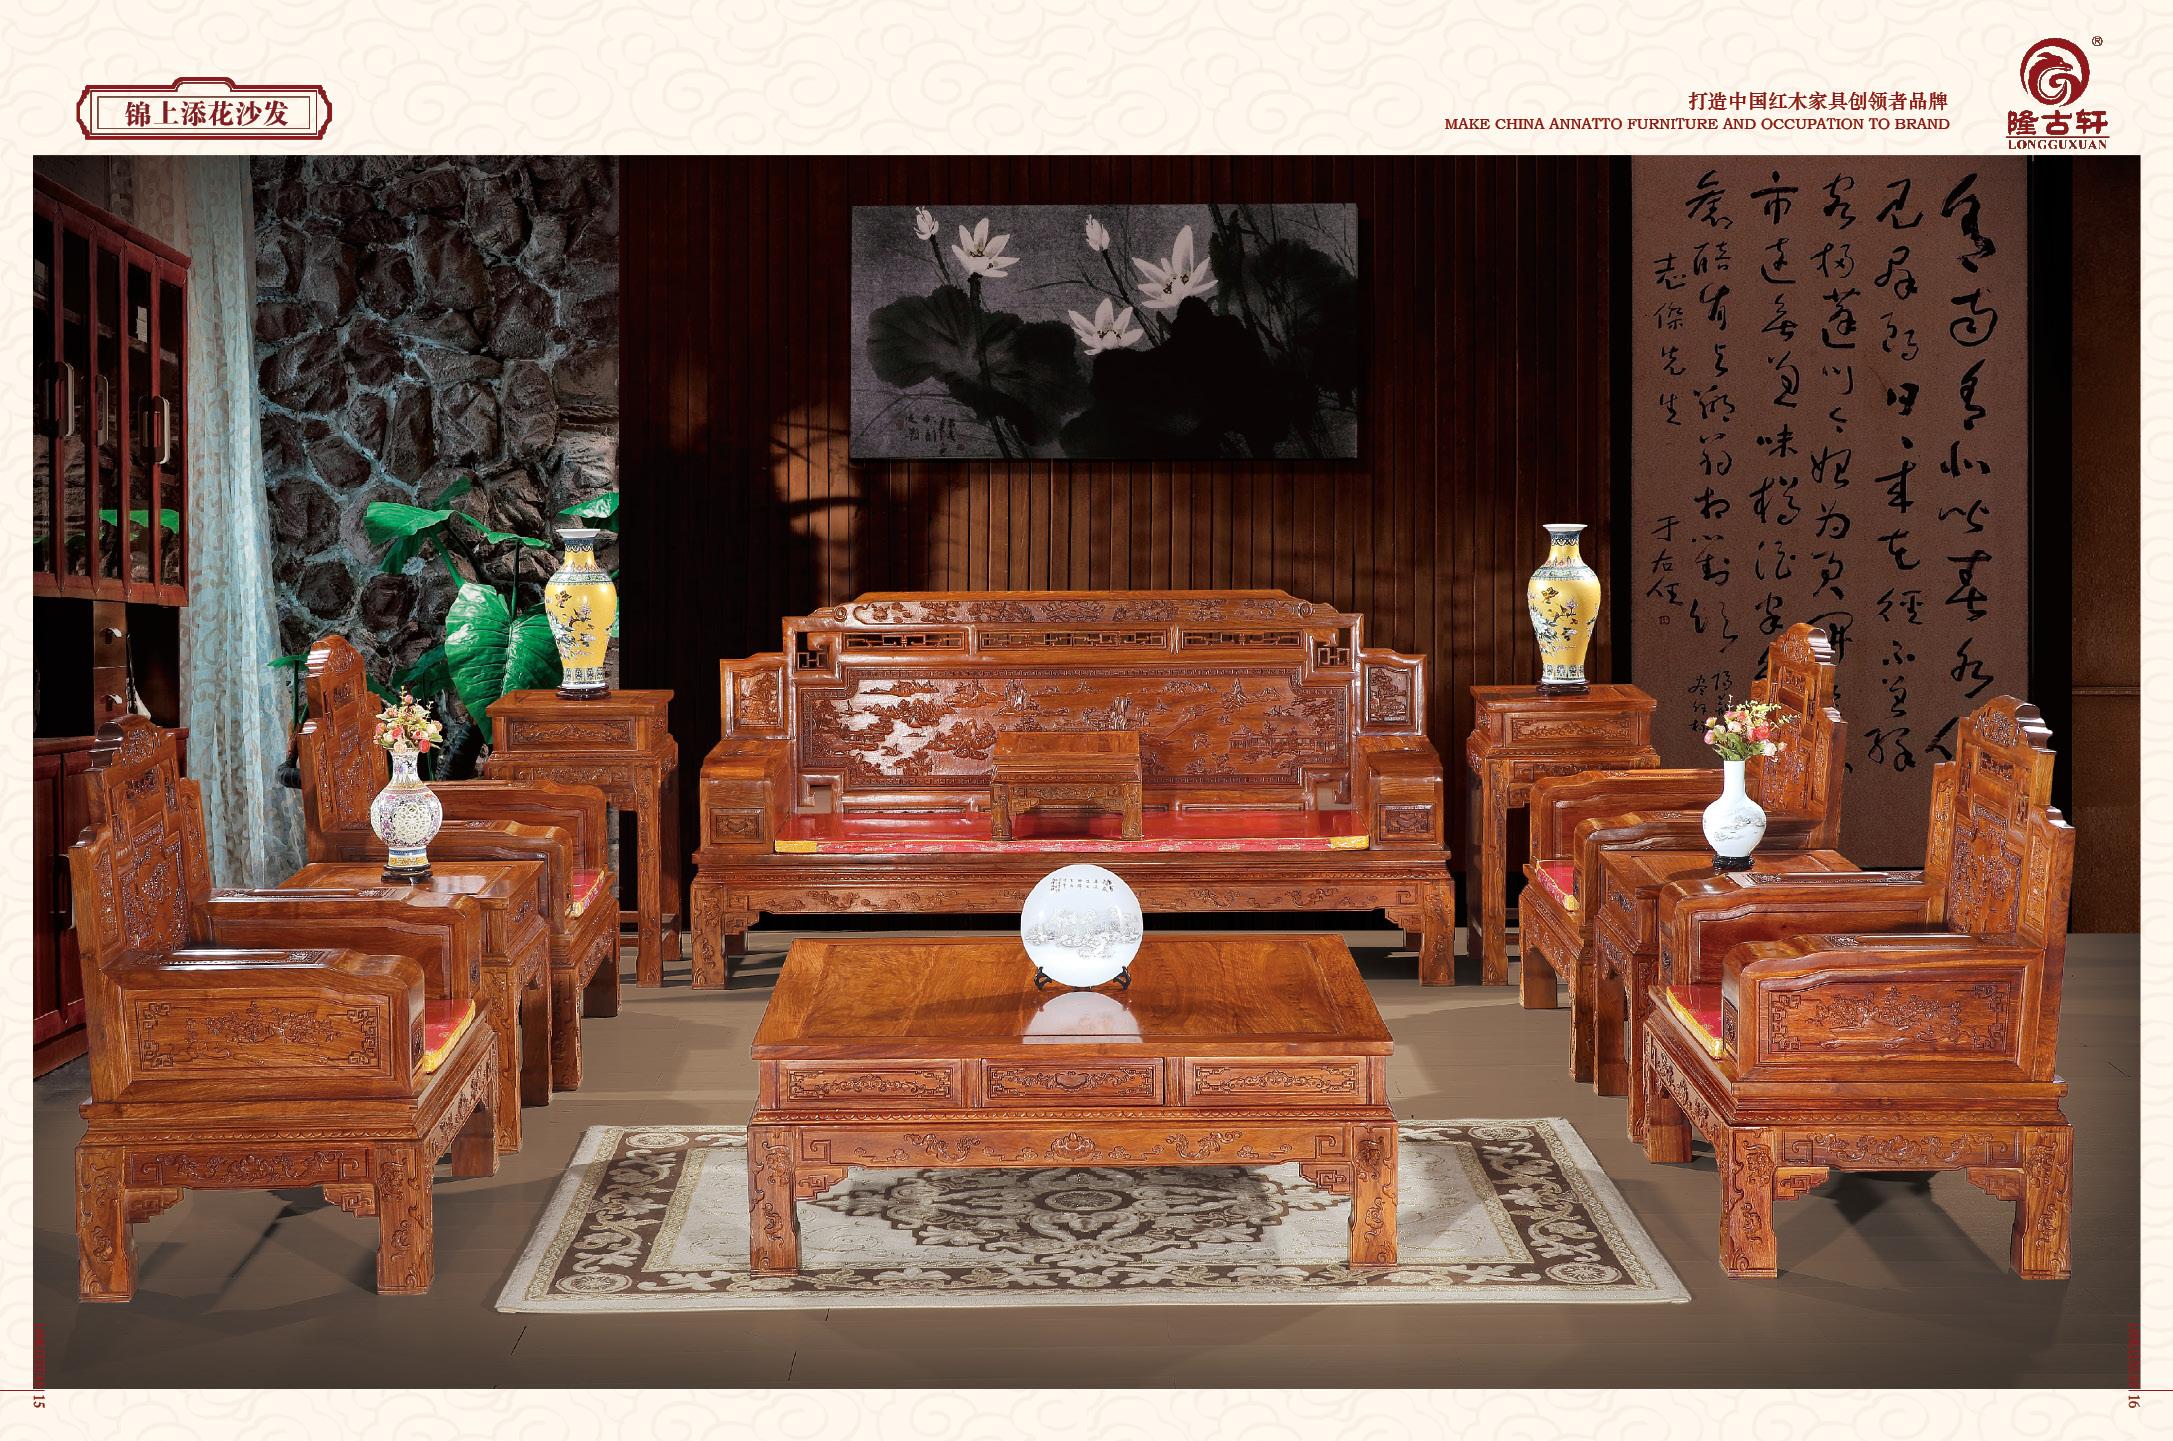 隆古轩-锦上添花沙发